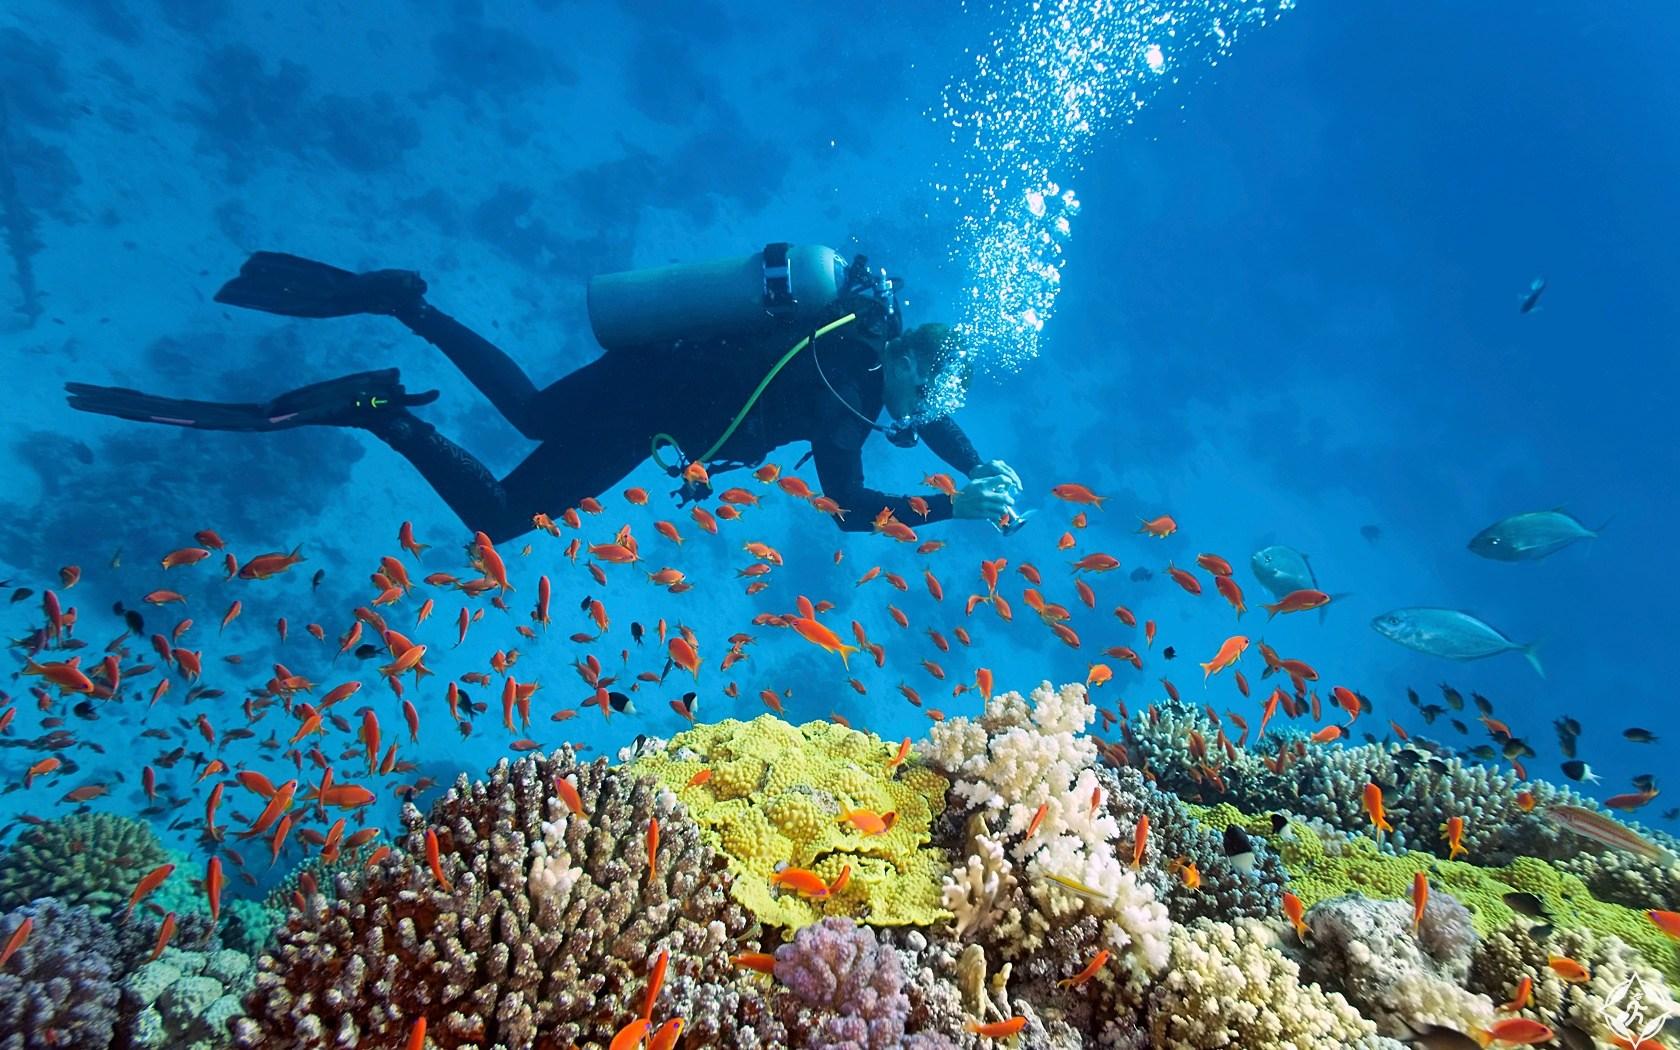 """السياحة في جزر البهاما ط§ظ""""ط؛ظˆطµ-ظپظٹ-ط§ظ""""ط¨ظ‡ط§ظ…ط§.jpg"""